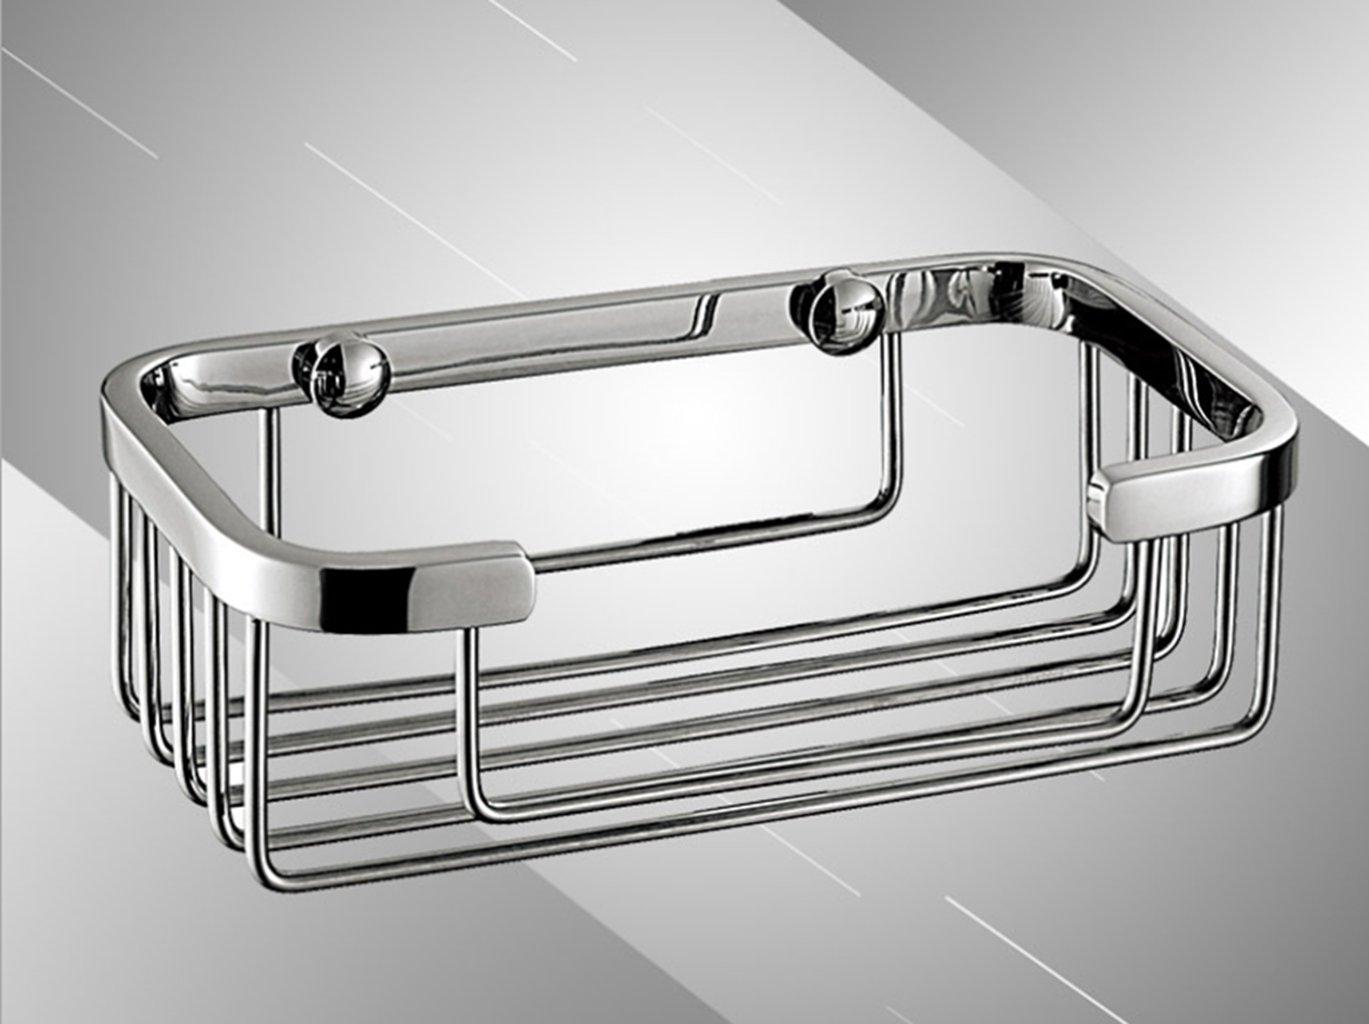 Sucastle,Cuadrado, cesta, estante, simple, acero inoxidable, espejo, cuarto de baño, acero inoxidable,Plata,QWERTY,250*60*60mm